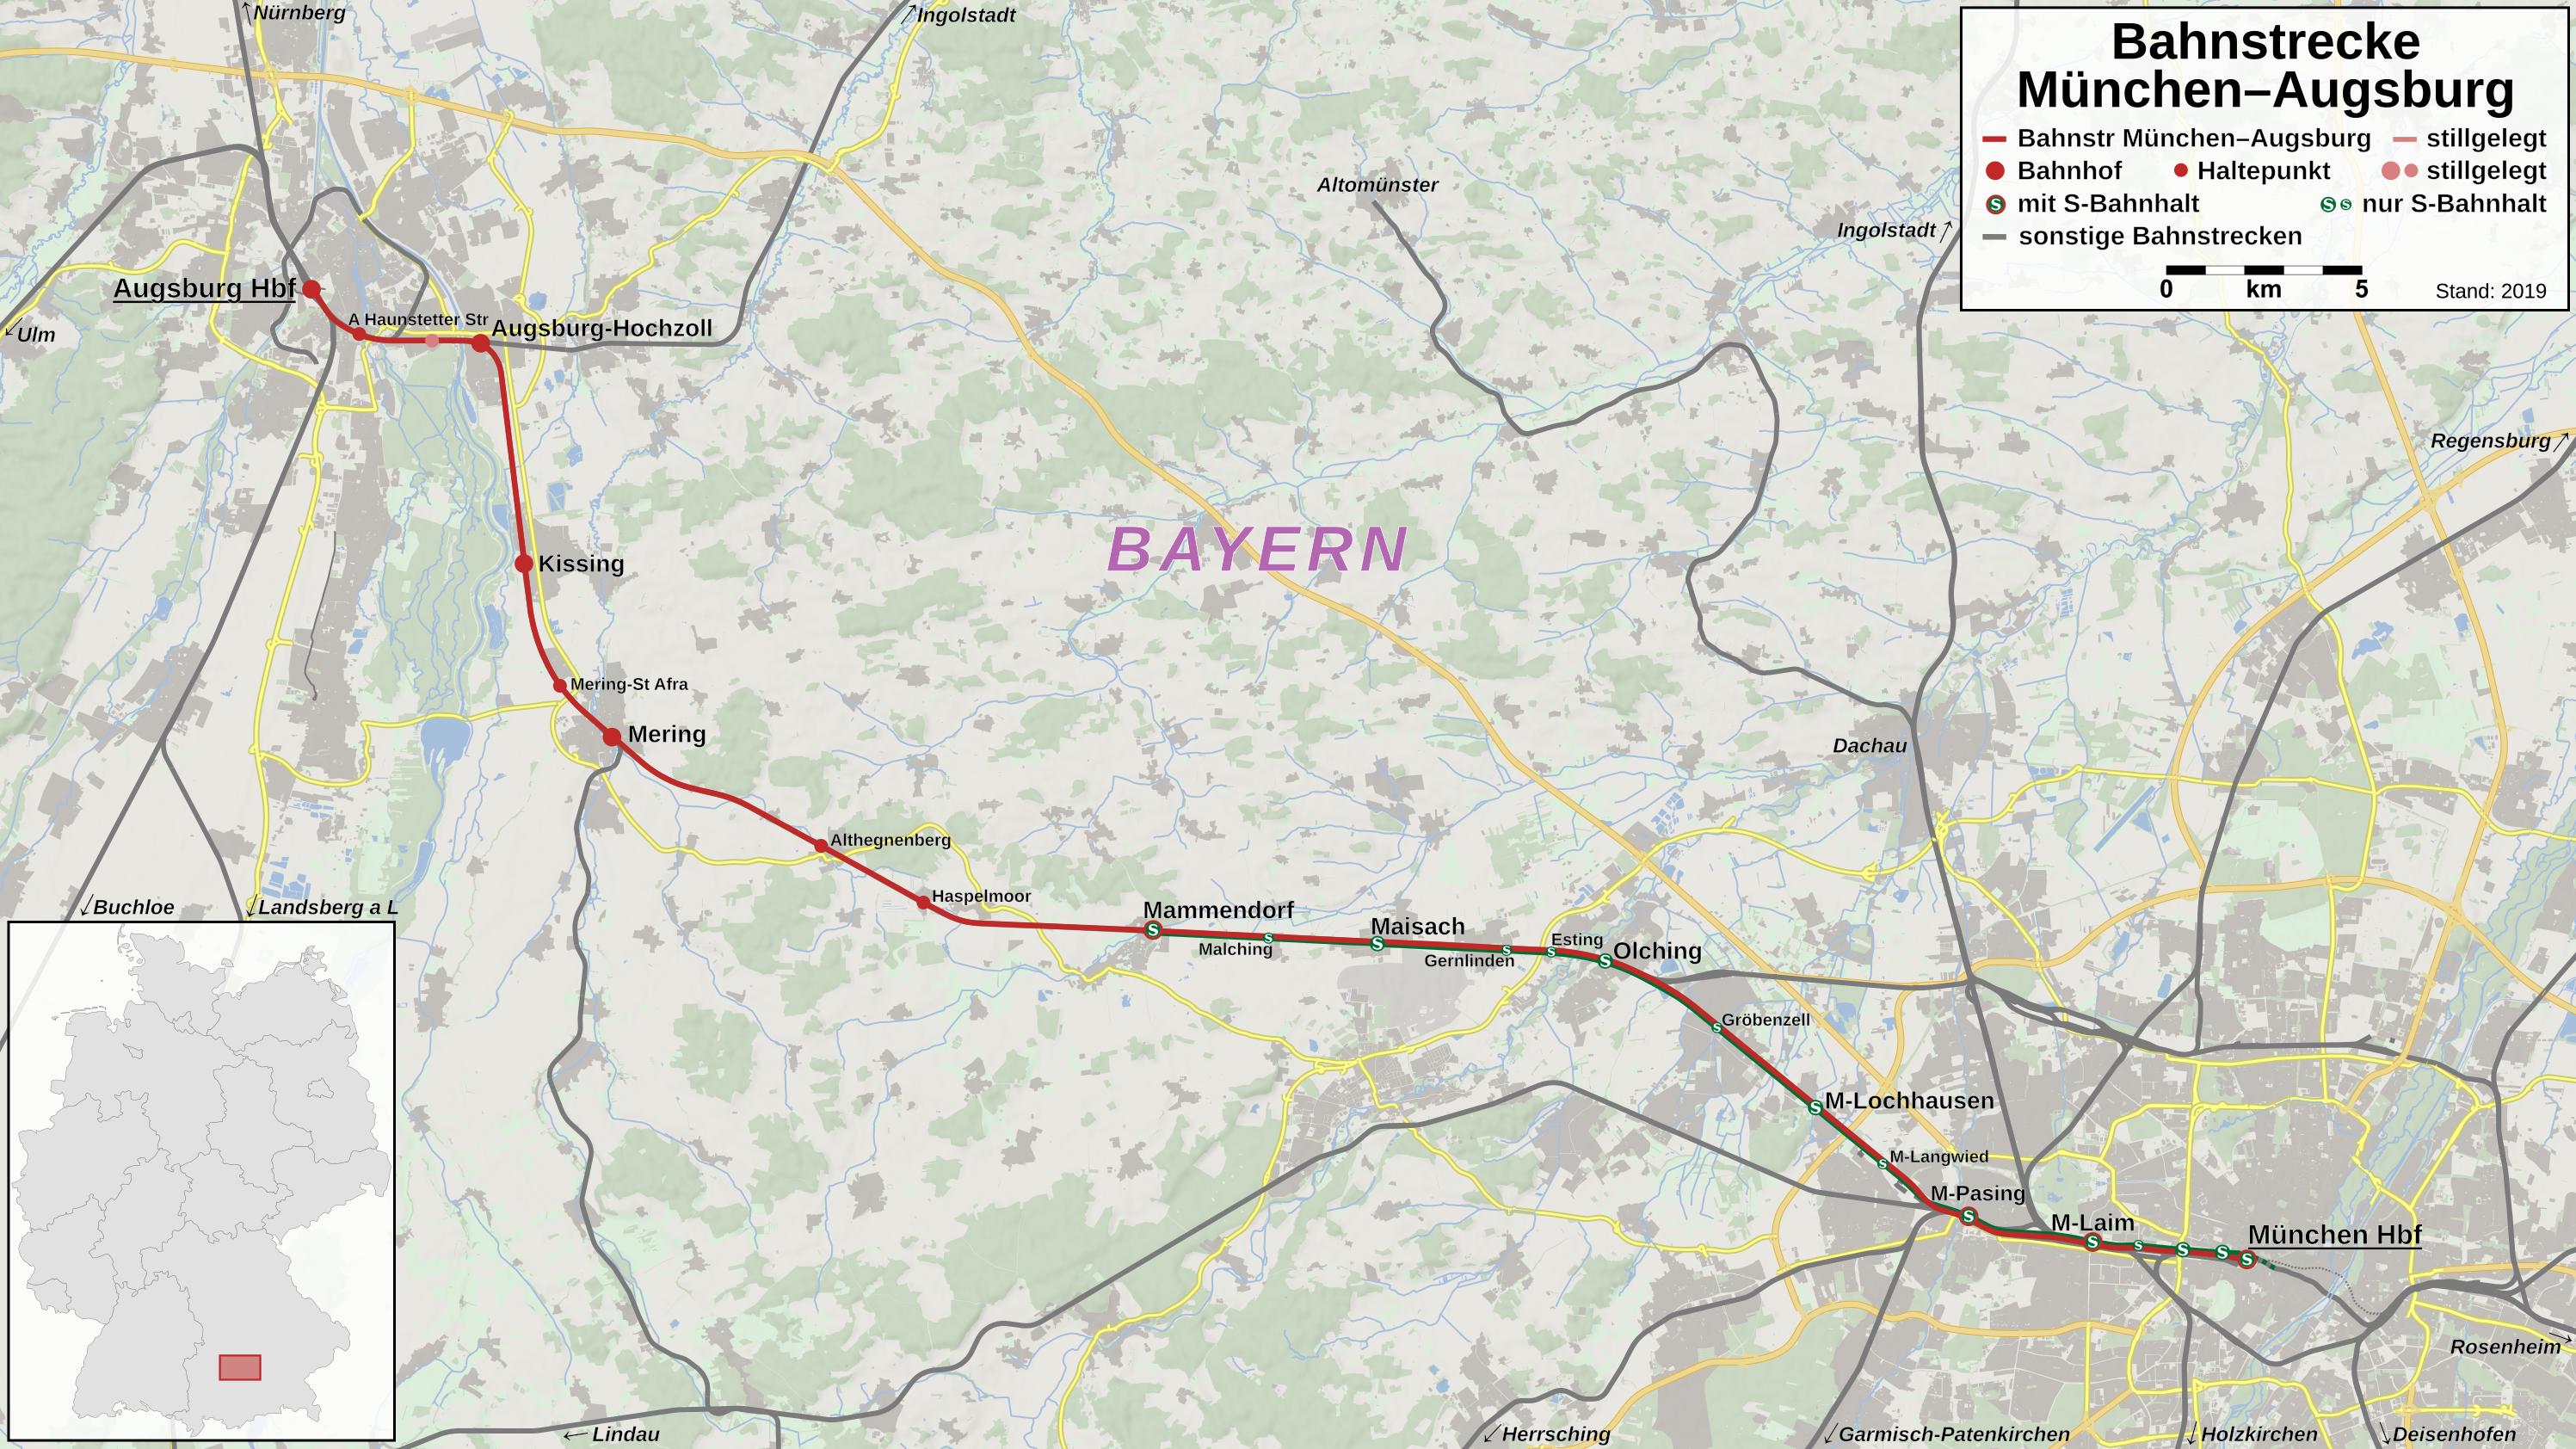 Karte Augsburg.Datei Bahnstrecke Munchen Augsburg Karte Png Wikipedia